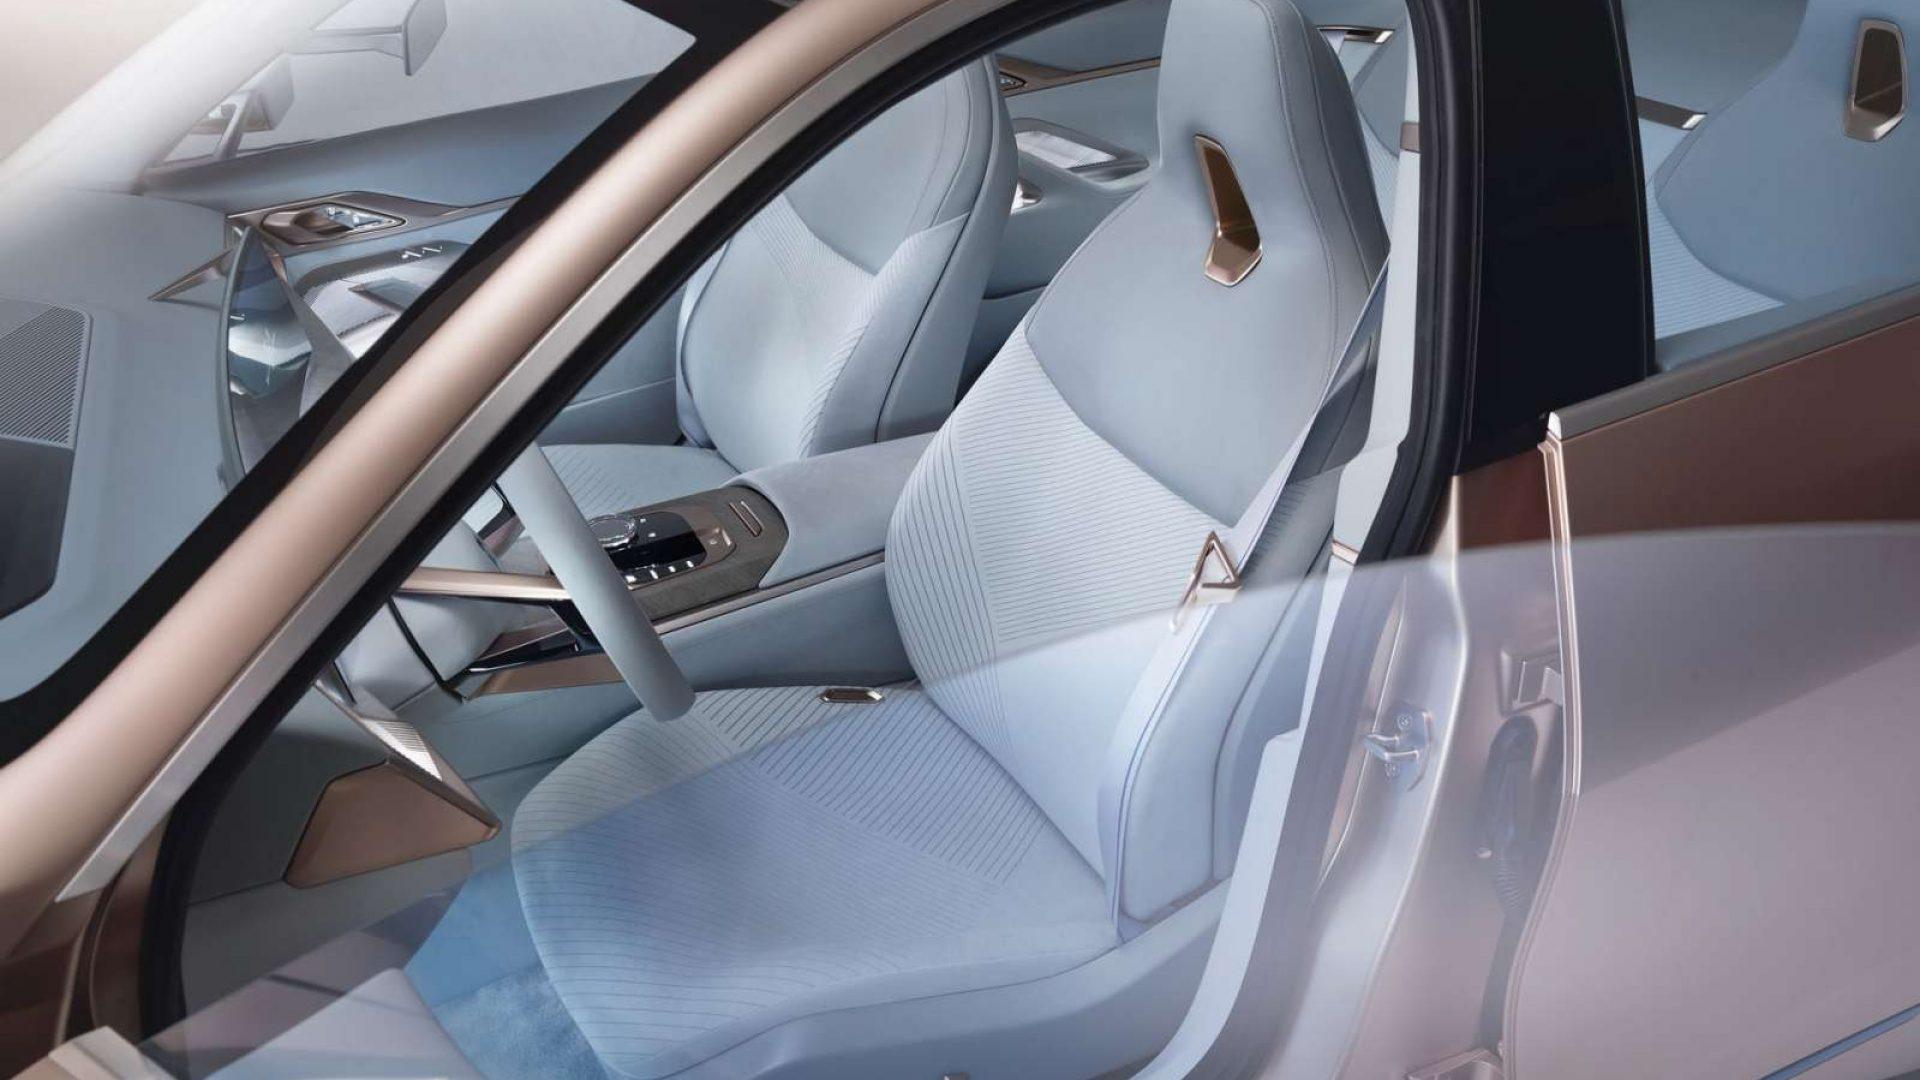 2020-BMW-Concept-i4-Interior-10